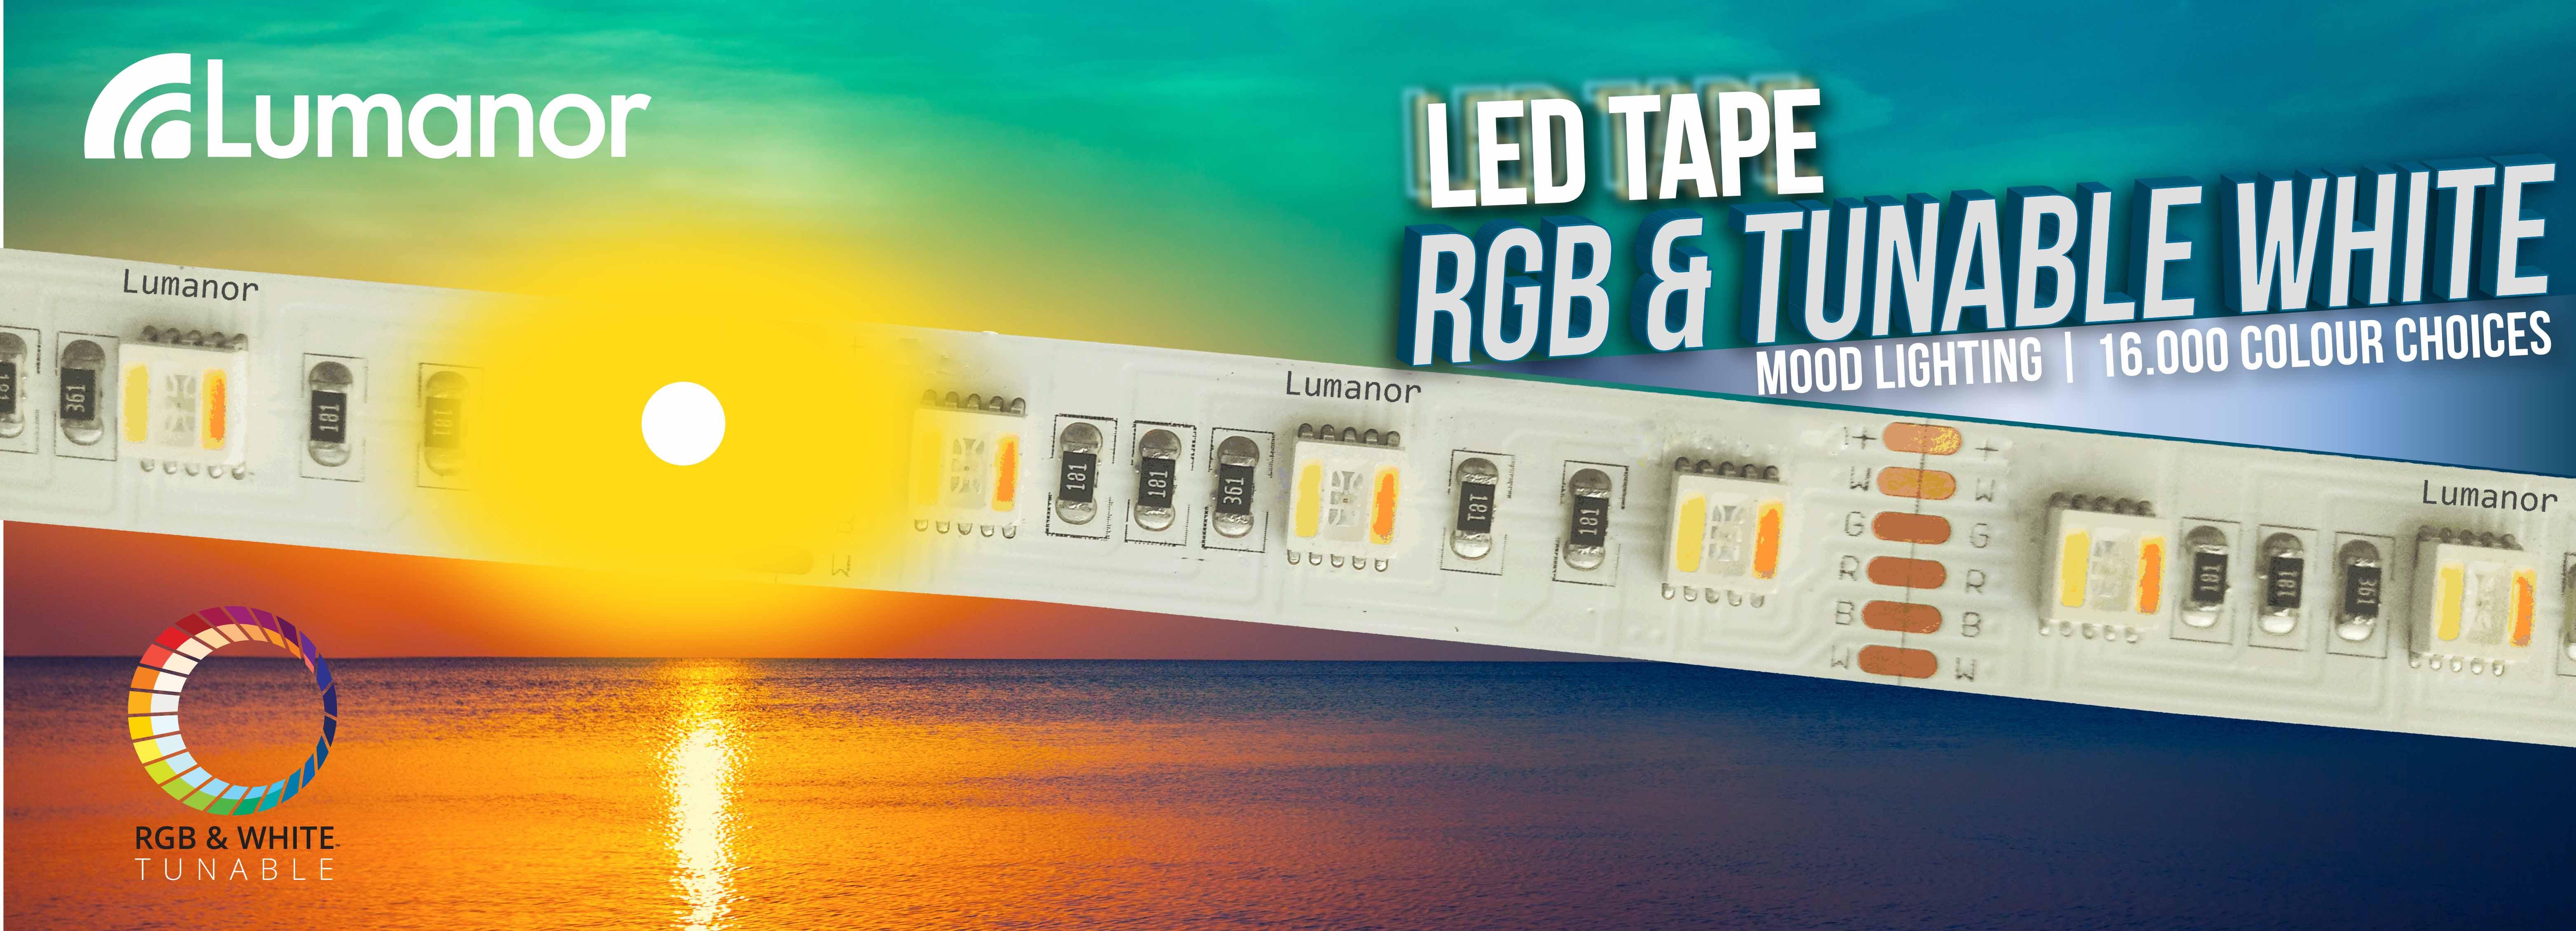 LED Tape.jpg